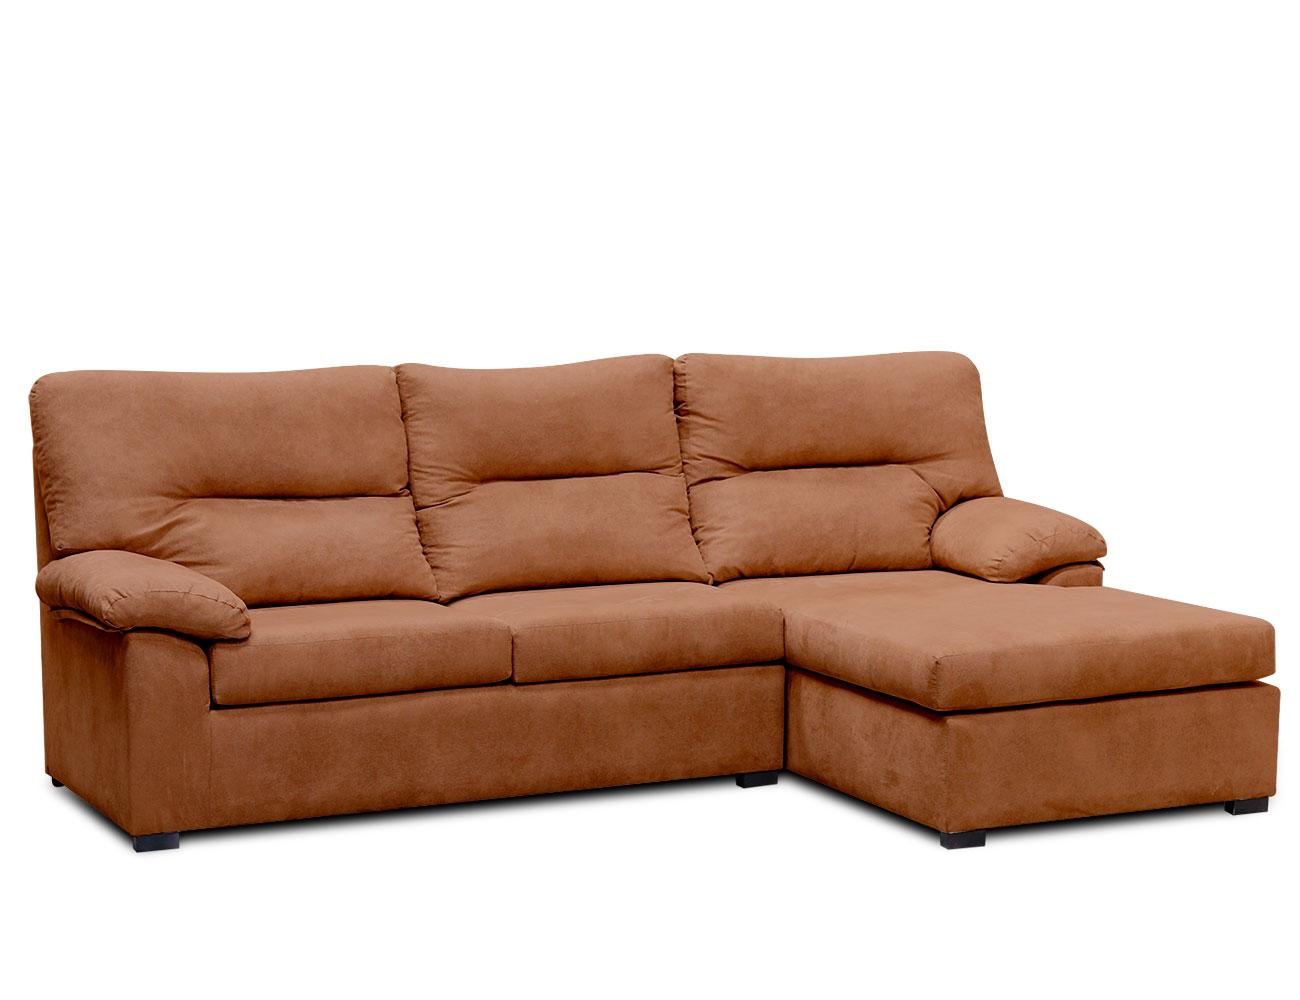 Sofa chaiselongue barato imola 9 21